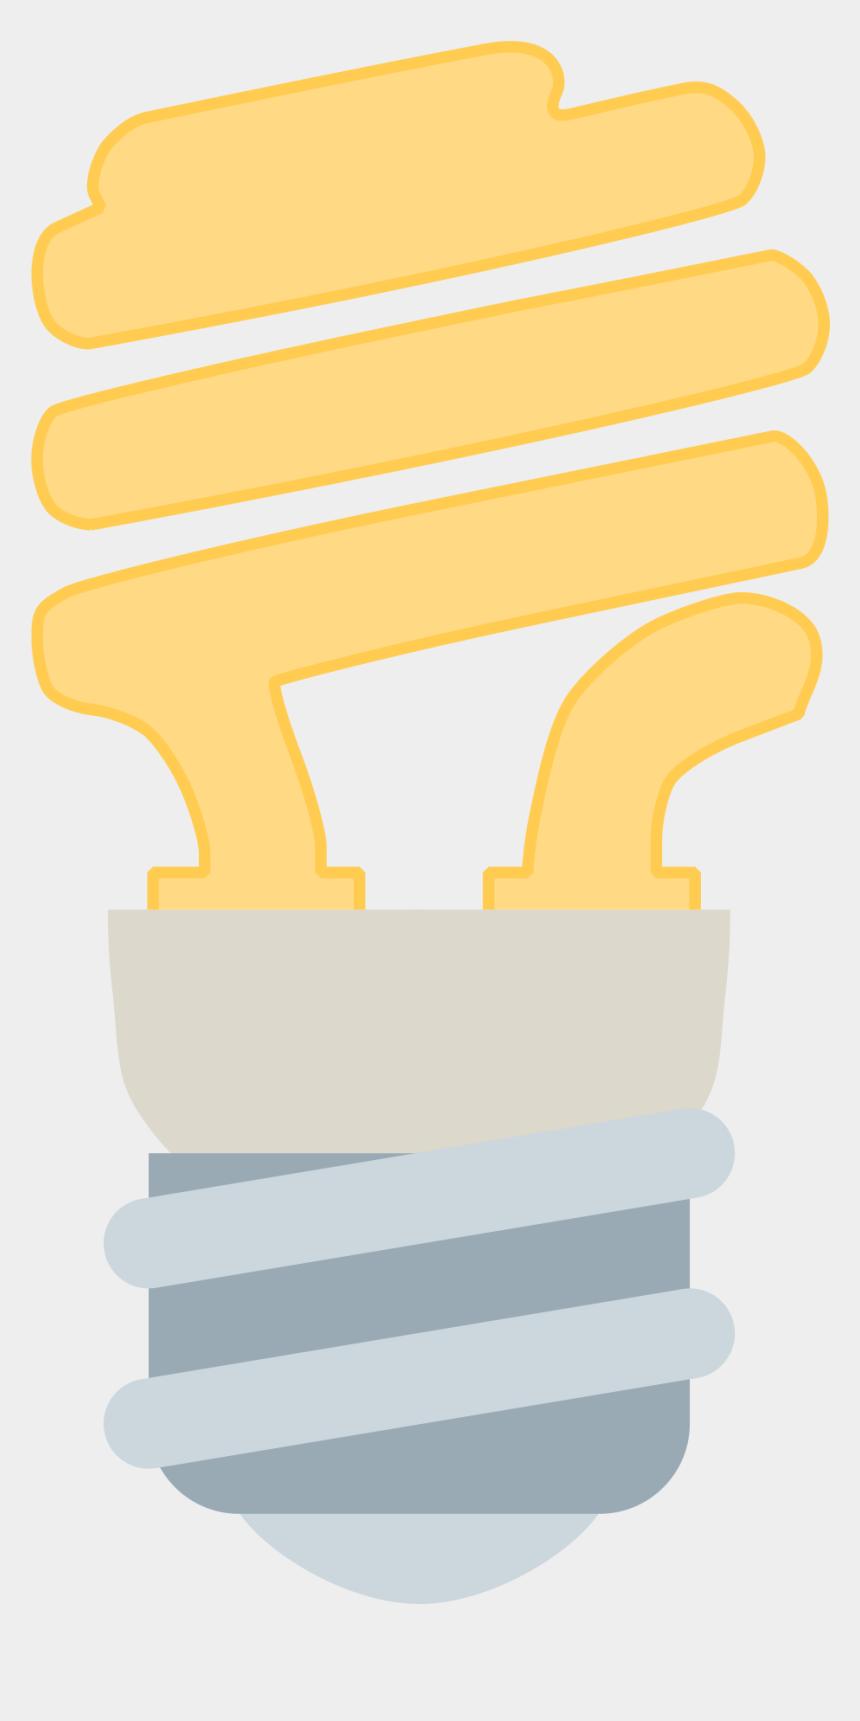 cfl clipart, Cartoons - File Twemoji F A Cfl Svg Wikimedia - Foquito Emoji Png